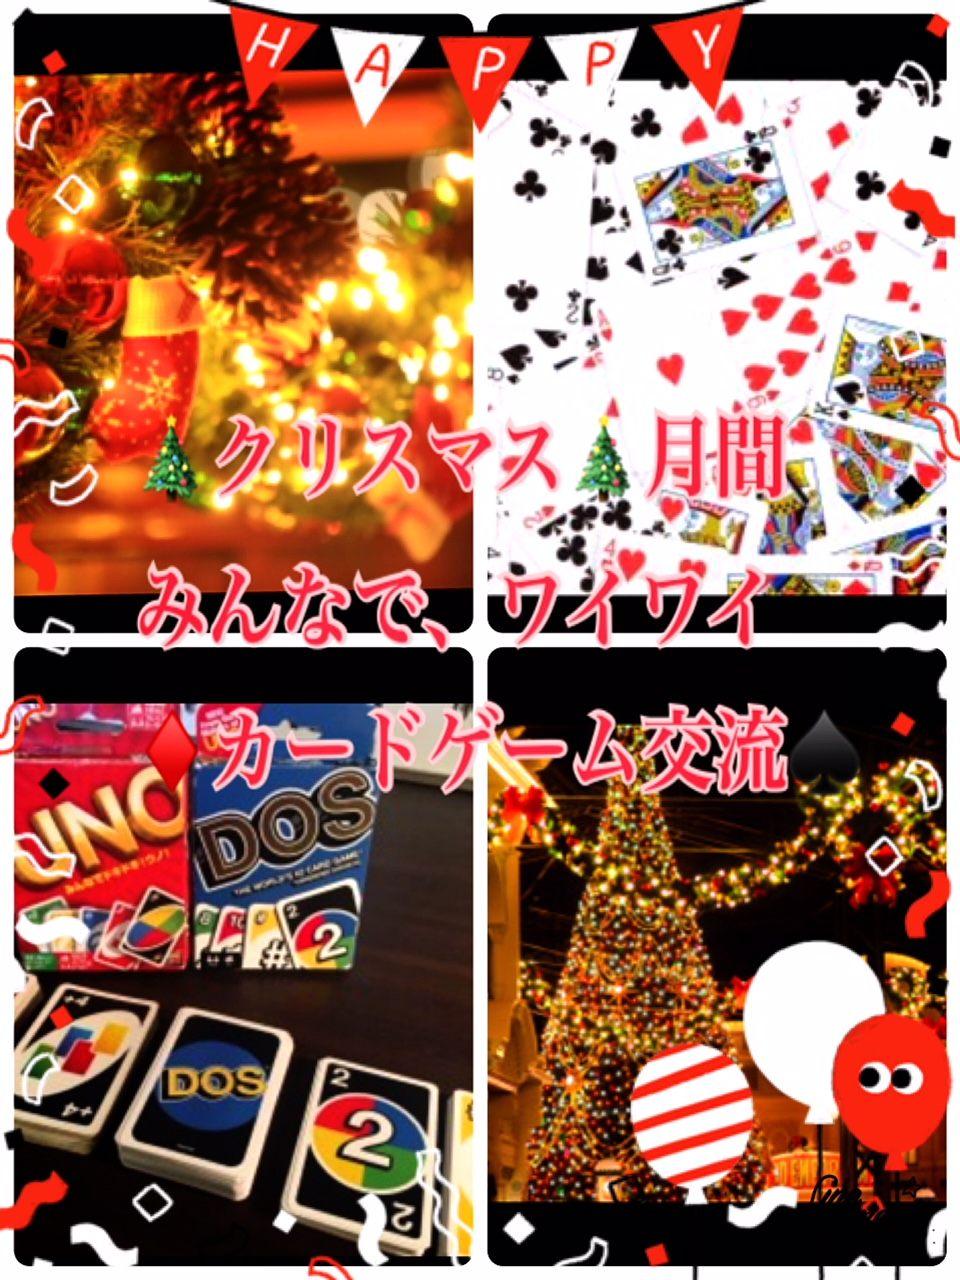 第17回クリスマスシーズン特別開催♪綺麗なホテルでのカードゲーム交流@東京 体に優しい女性に人気のビュッフェ付き